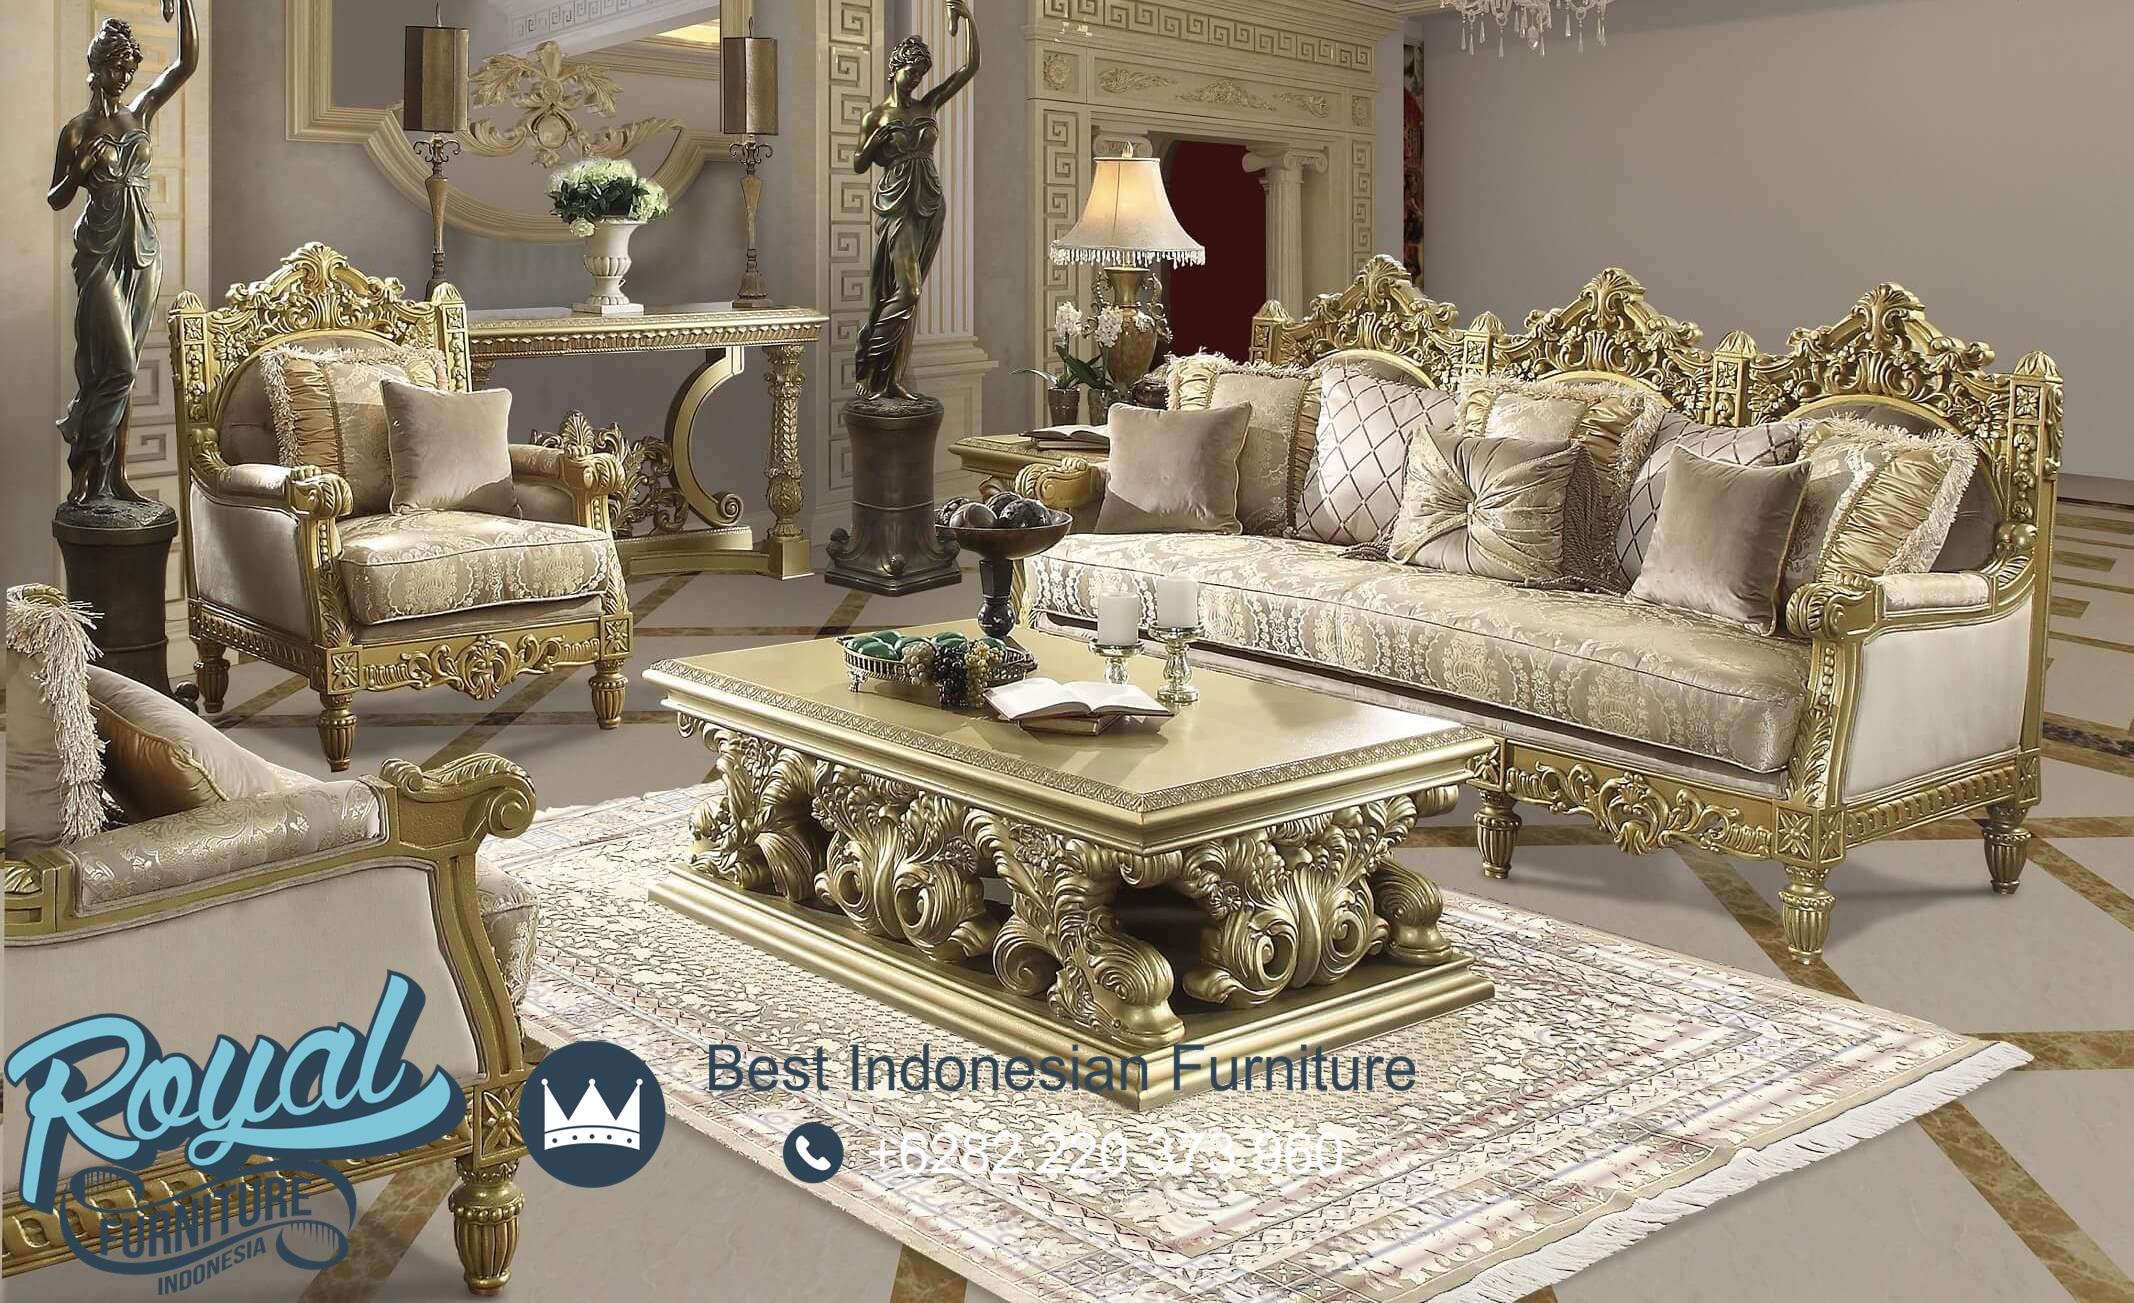 Sofa Ruang Tamu Mewah Klasik Jepara Homey Design Gold, desain gambar sofa tamu mewah klasik, Furniture Jepara, furniture sofa ruang tamu ukiran jepara, harga sofa tamu jepara terbaru, jual sofa tamu jati jepara, Kursi Tamu Klasik, kursi tamu mewah, Mebel Jepara, model sofa tamu klasik, Set Kursi Sofa Tamu Jepara Gold Classic Terbaru, set ruang tamu klasik, set sofa tamu jepara, Set Sofa Tamu Mewah, sofa ruang tamu mewah terbaru, sofa tamu jati ukir klasik, Sofa Tamu Klasik, Sofa Tamu Mewah, Sofa Tamu Mewah Klasik Bulgaria Terbaru, Sofa Tamu Mewah Ukir Klasik Jepara Gold Duco, Sofa Tamu Minimalis Terbaru, sofa tamu modern mewah, Royal Furniture Indonesia